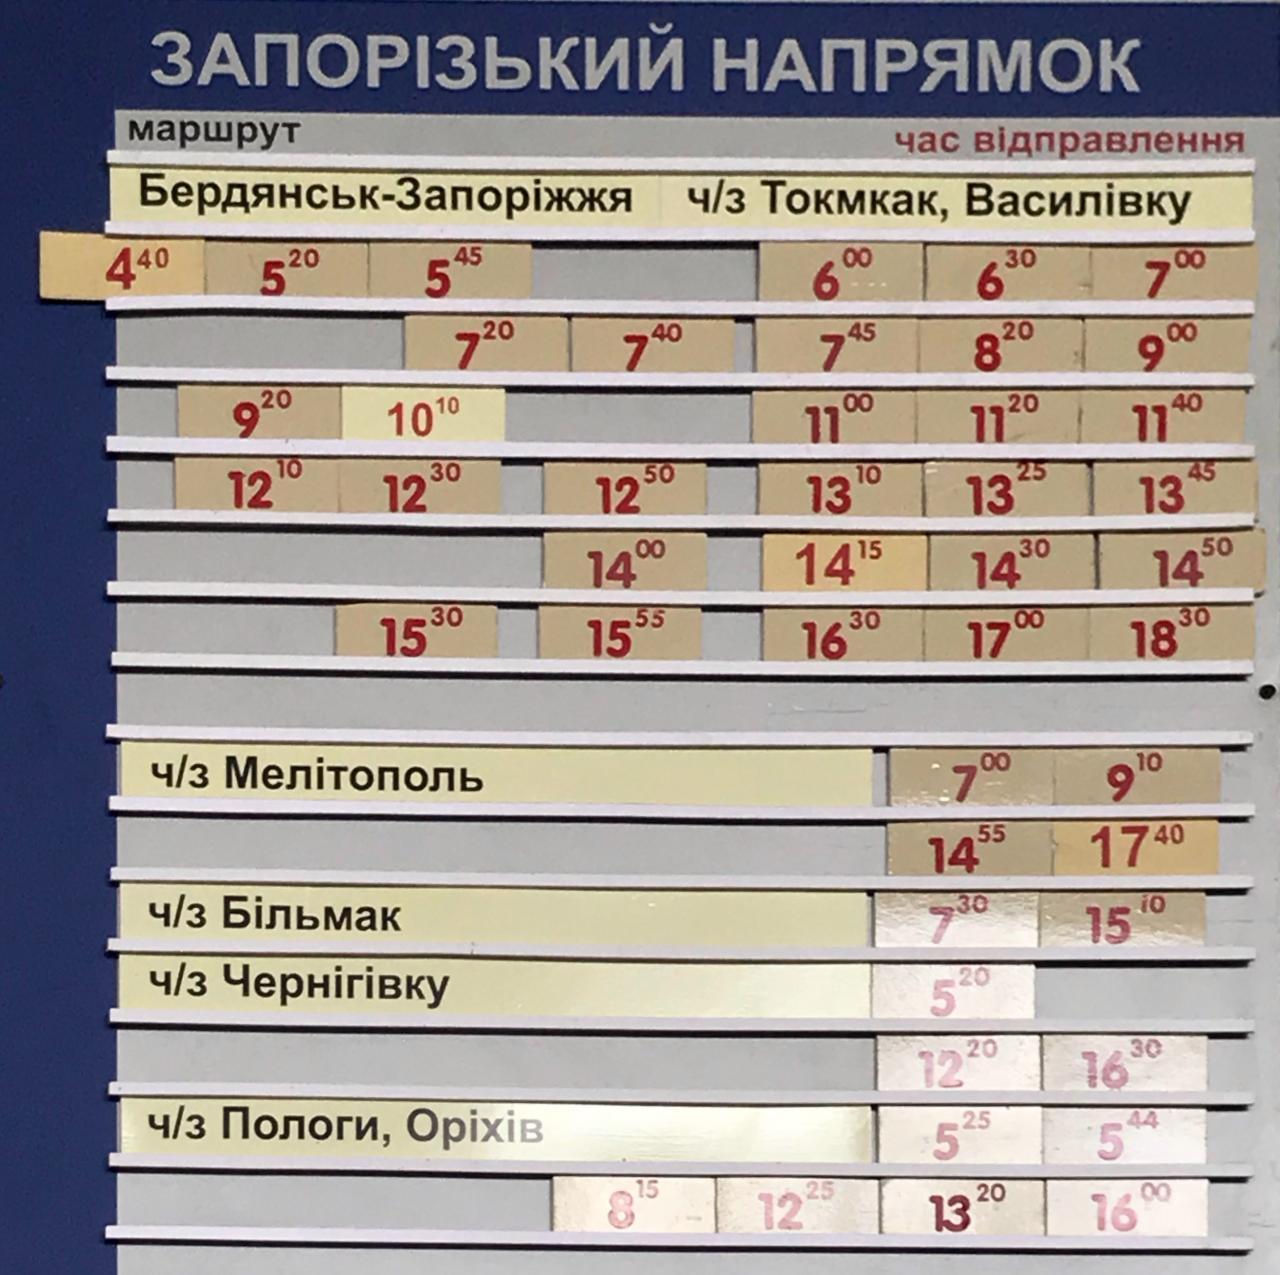 расписание Бердянского автовокзала Запорожское направление